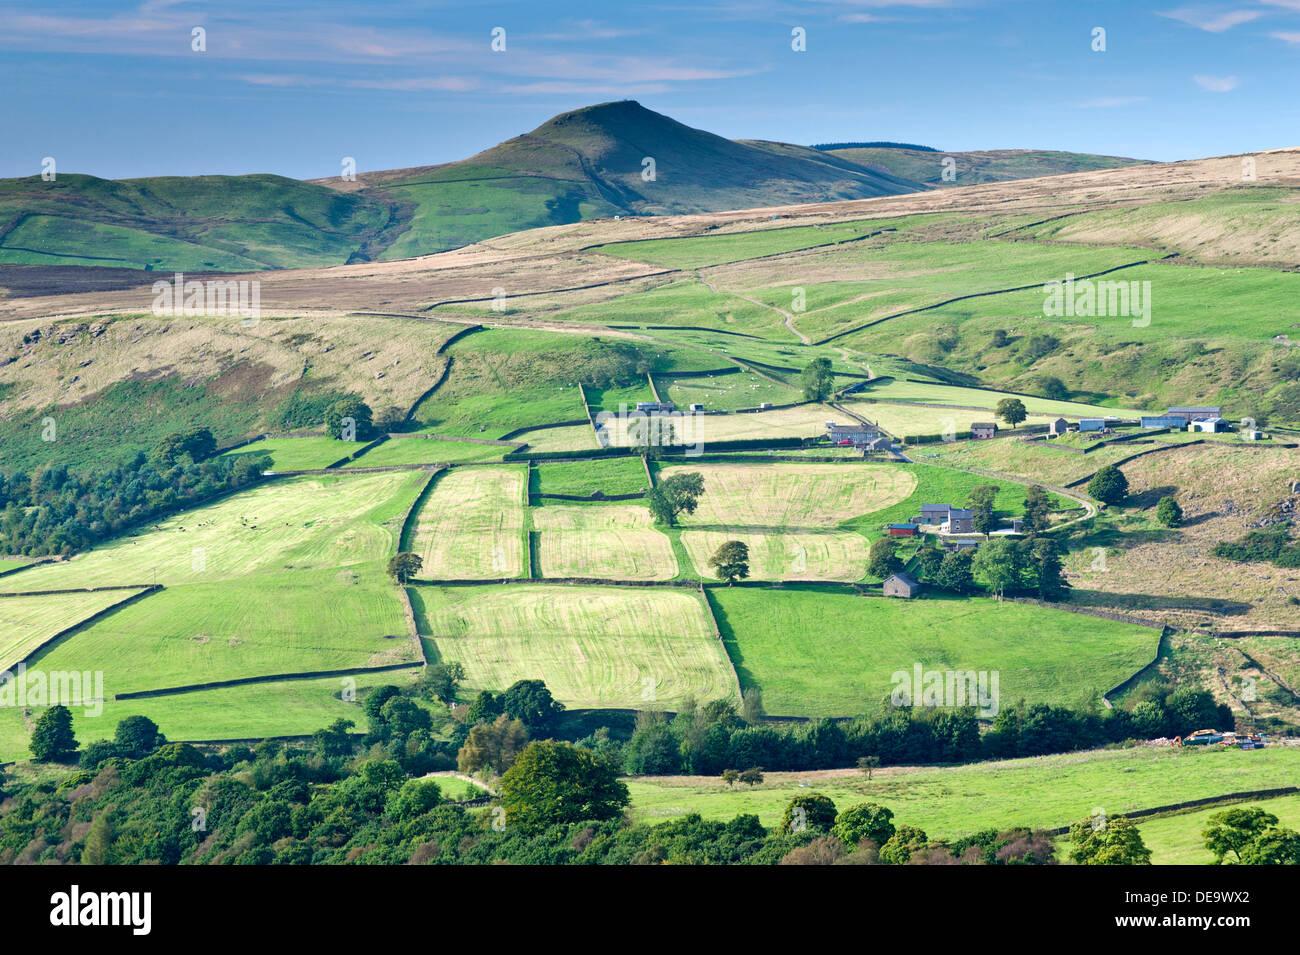 Peak of Shutlingsloe and Cheshire's Peak District, Peak District National Park, Cheshire, England, UK - Stock Image